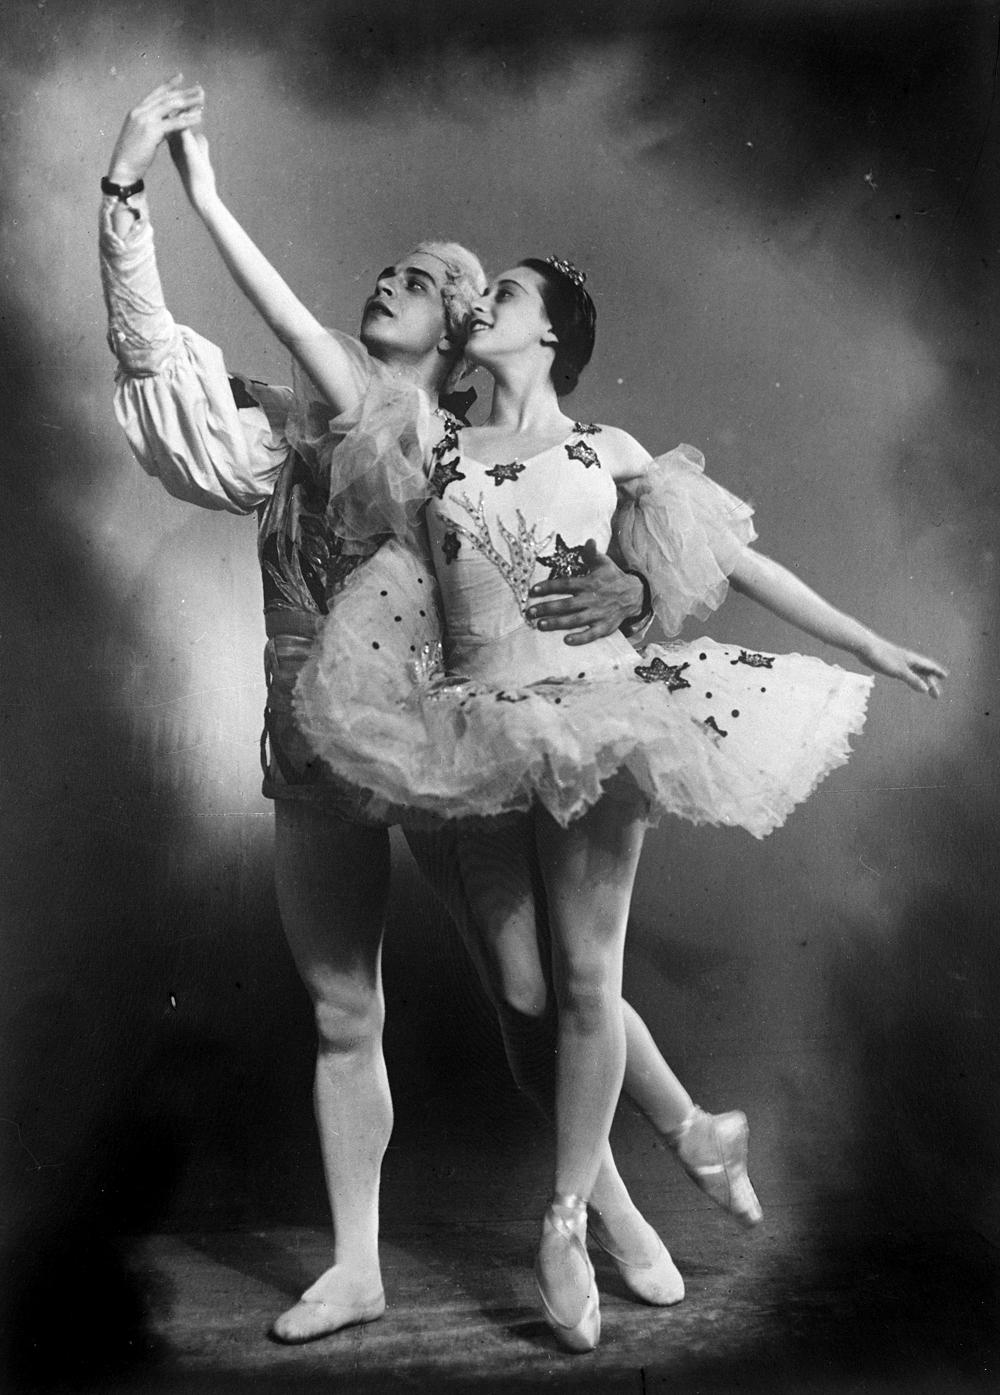 Ballet dancers Nina Timofeyeva and Igor Uksusnikov in a scene from The Nutcracker. / Source: RIA Novosti